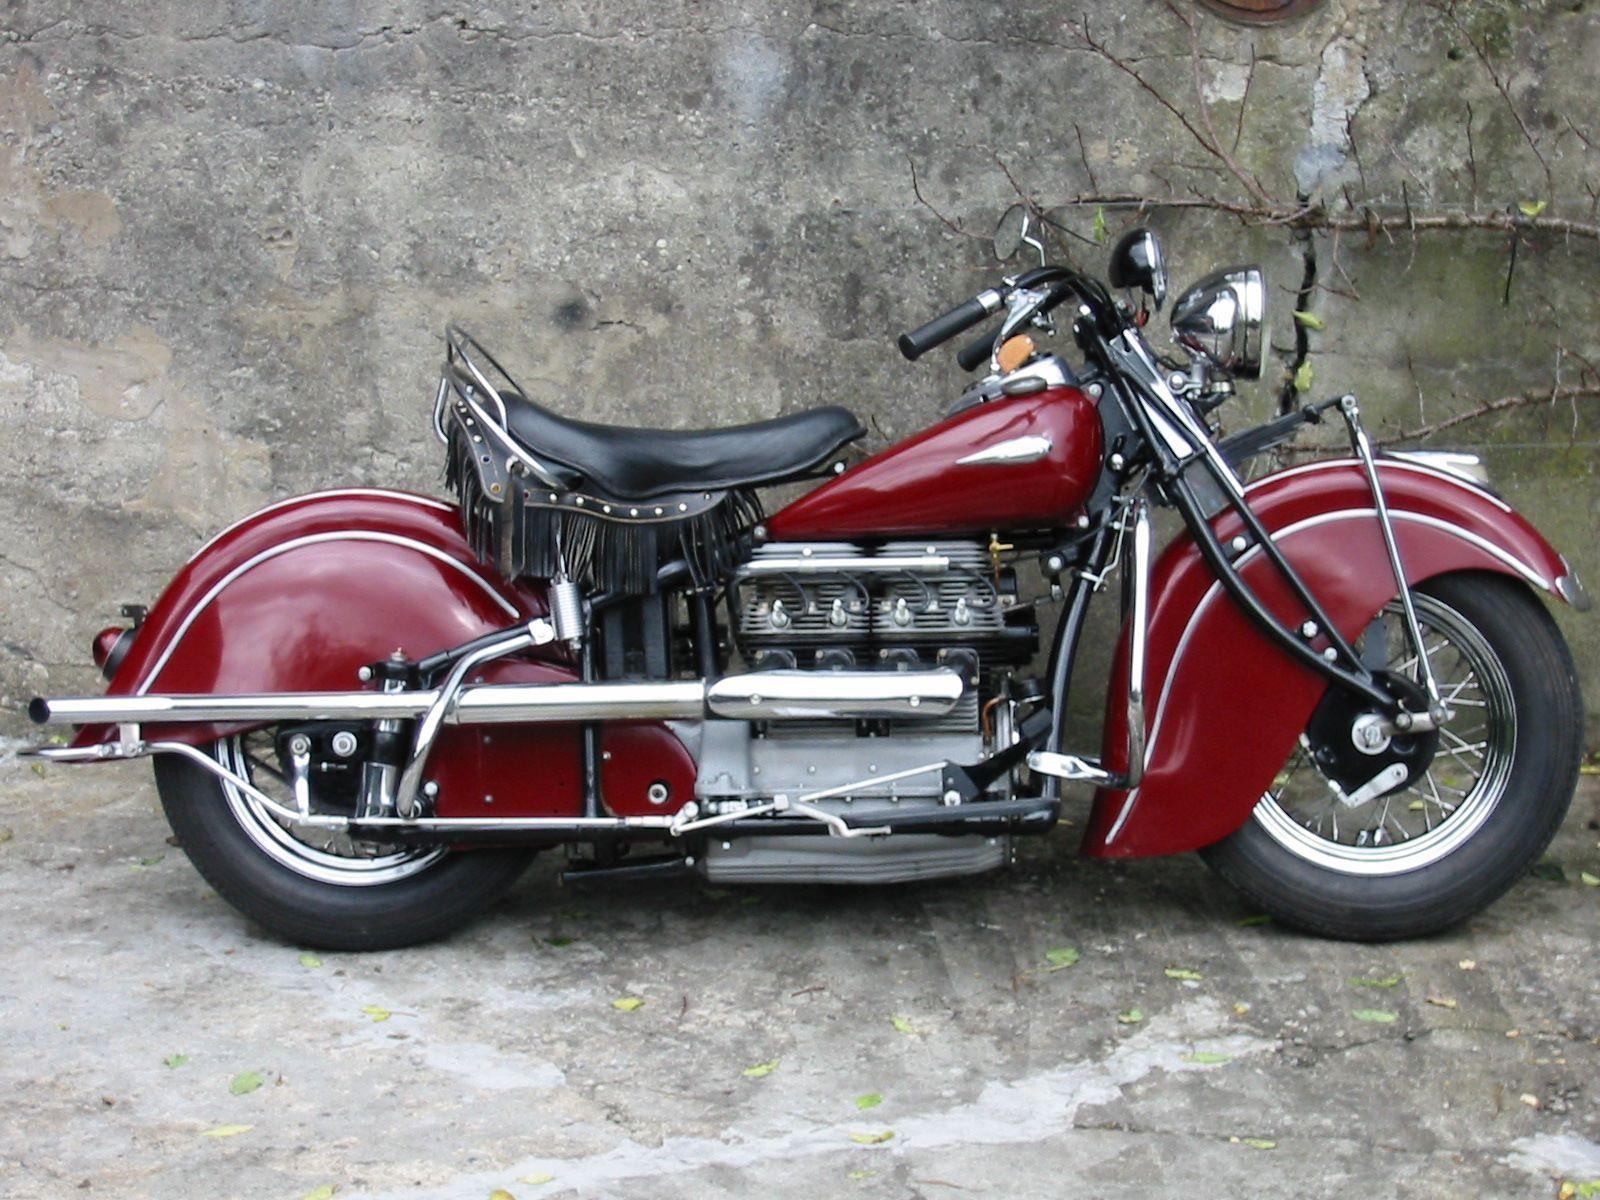 motorrad oldtimer kaufen indian four diverse l chinger classic motors ag nieder nz id 2682990. Black Bedroom Furniture Sets. Home Design Ideas